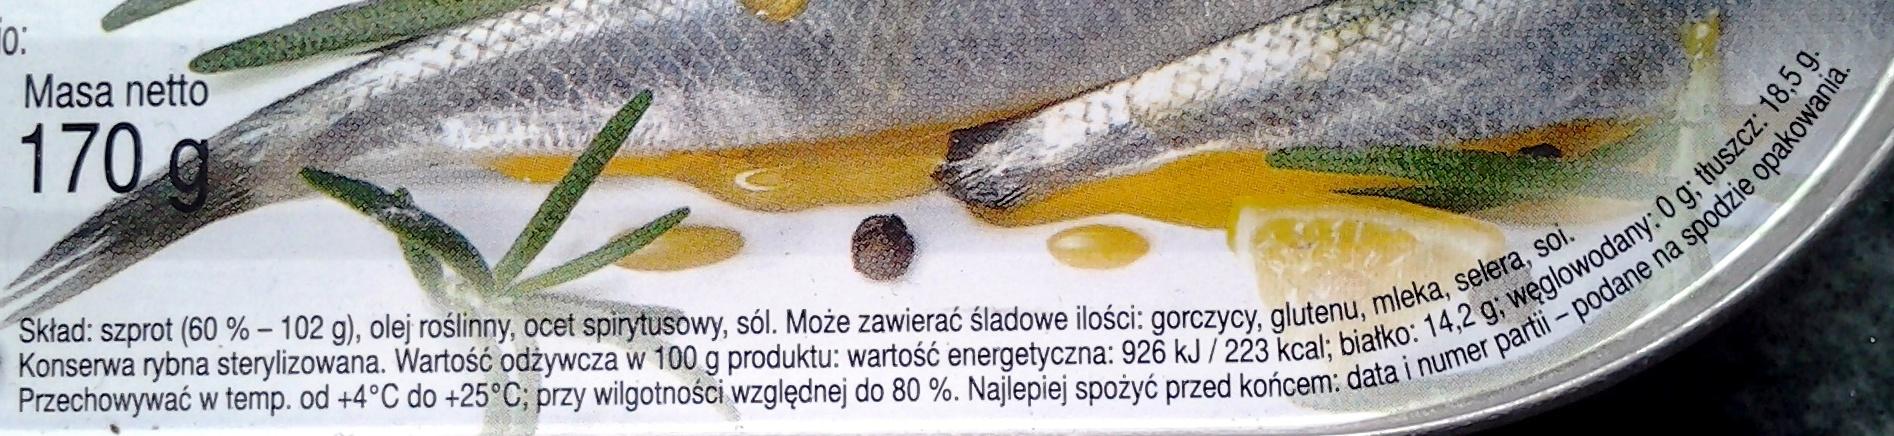 Szprot w oleju roslinnym - Składniki - pl